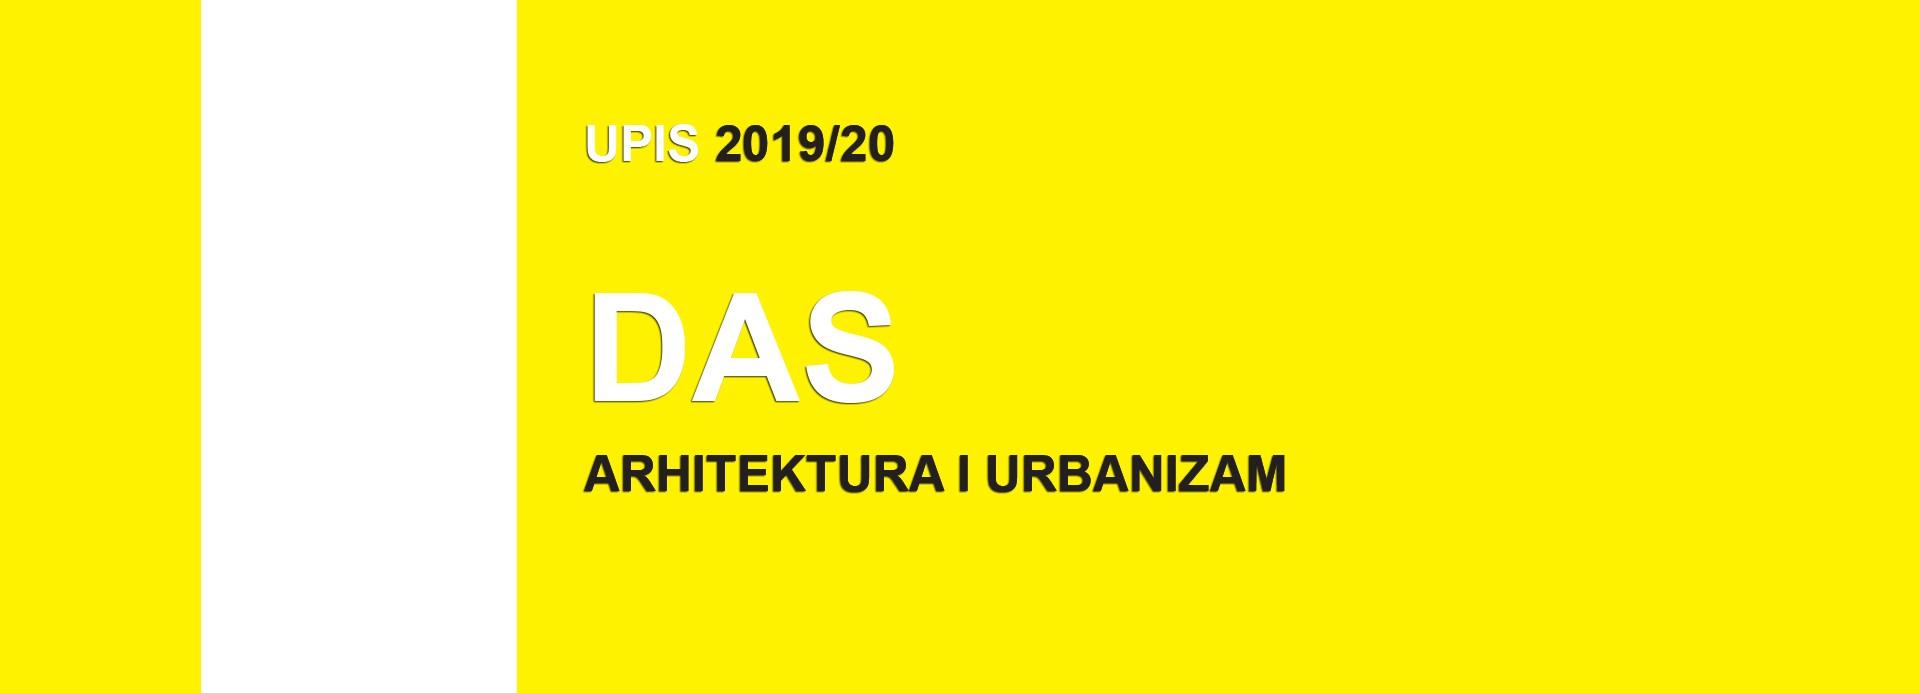 Упис у прву годину Докторских академских студија – Архитектура и урбанизам 2019/20